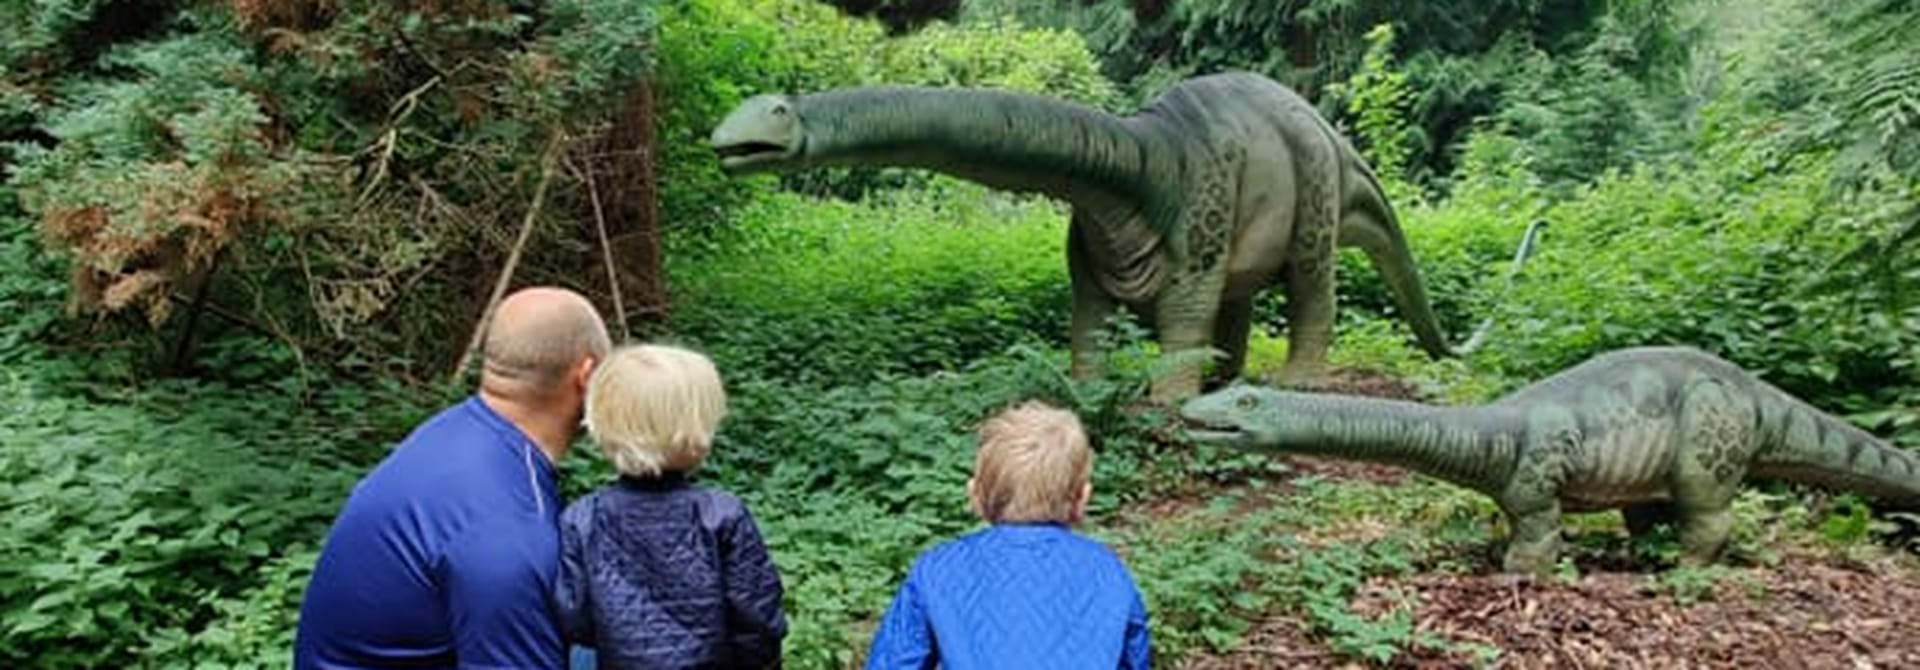 Magne Kigger På Dinoer Med Familien